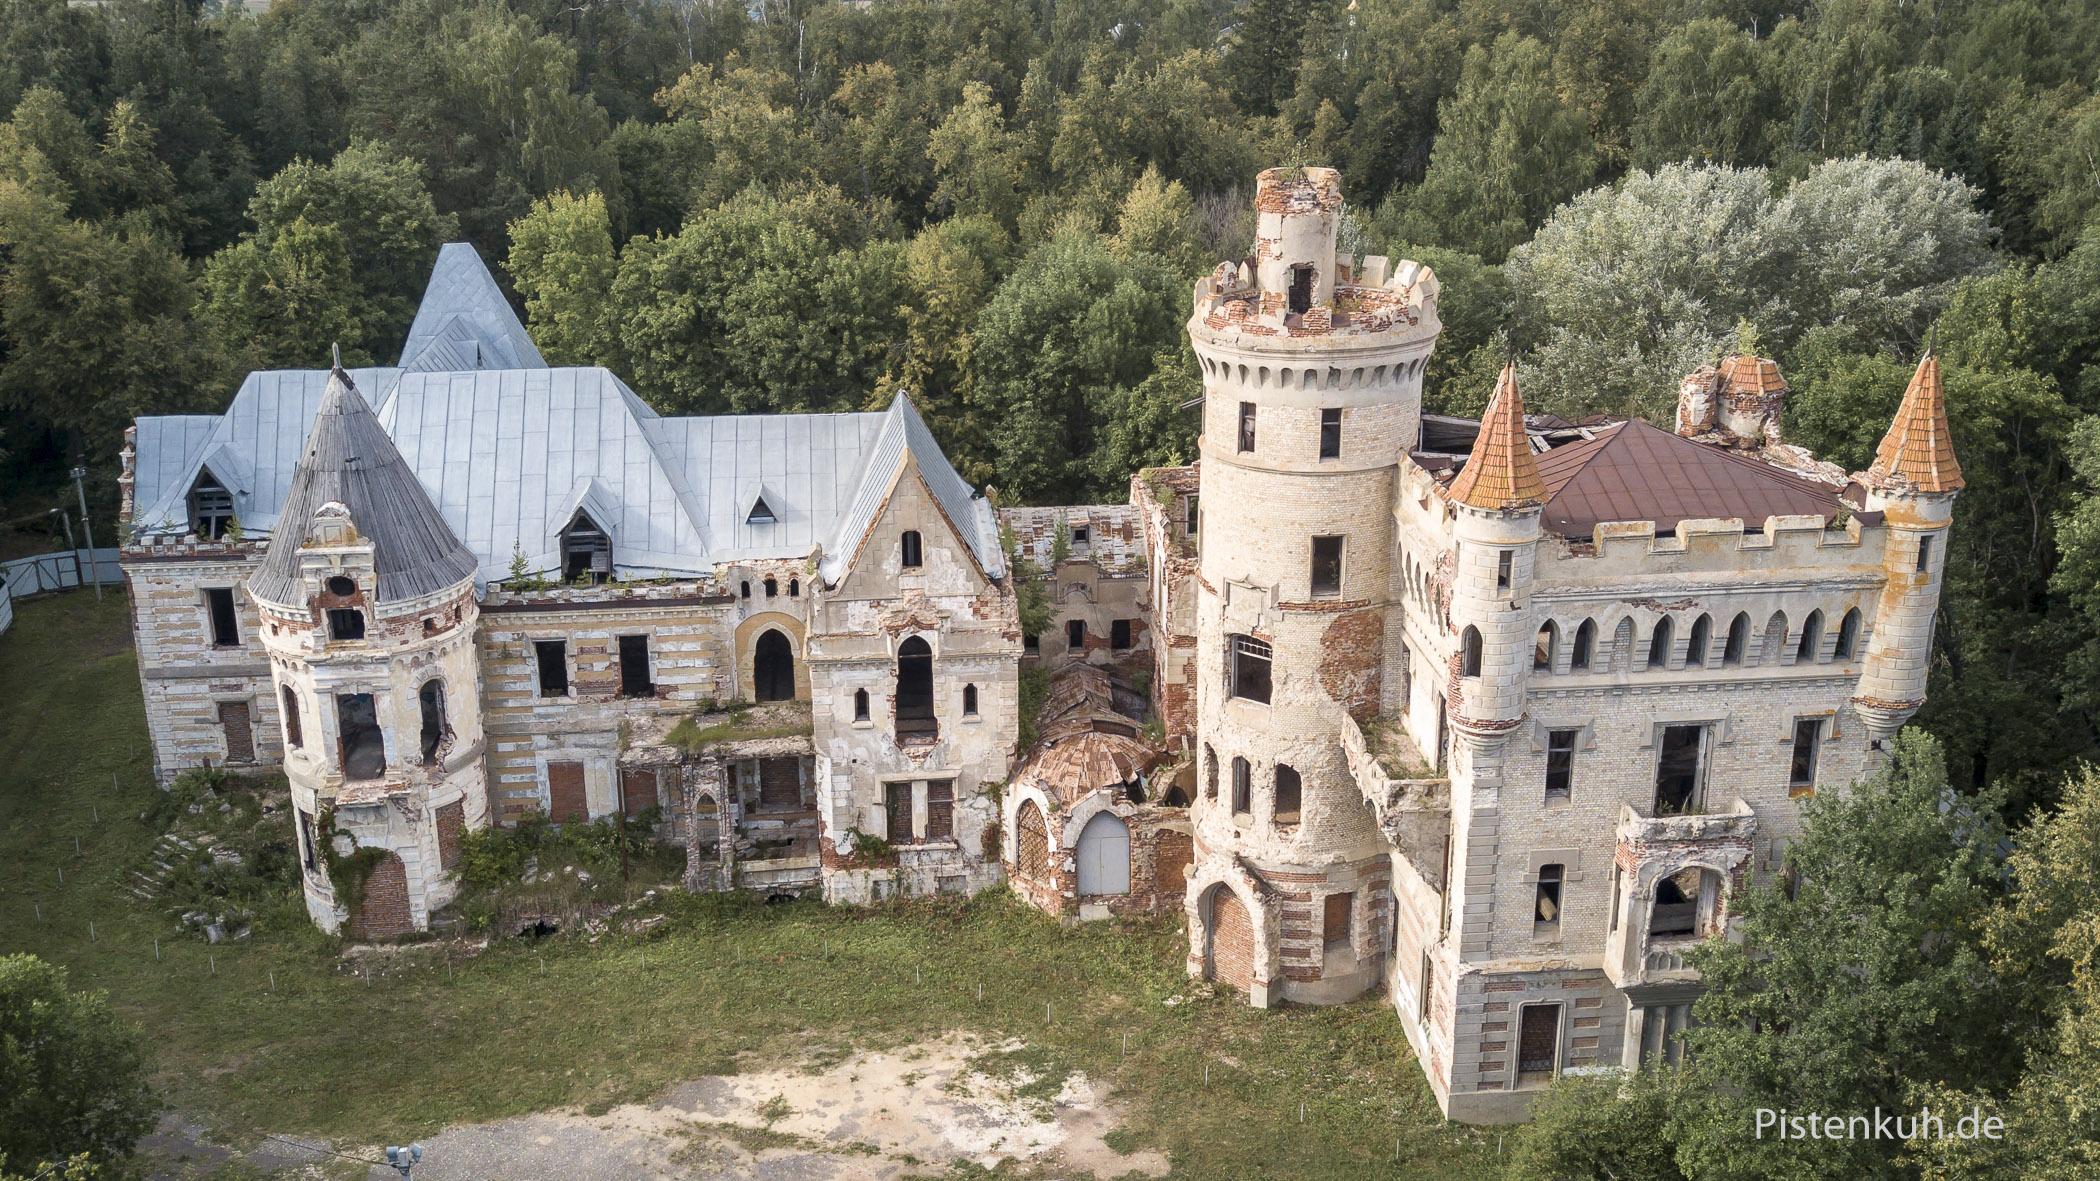 Die Ruine der Villa steht seit Jahrzehnten leer und verfällt.